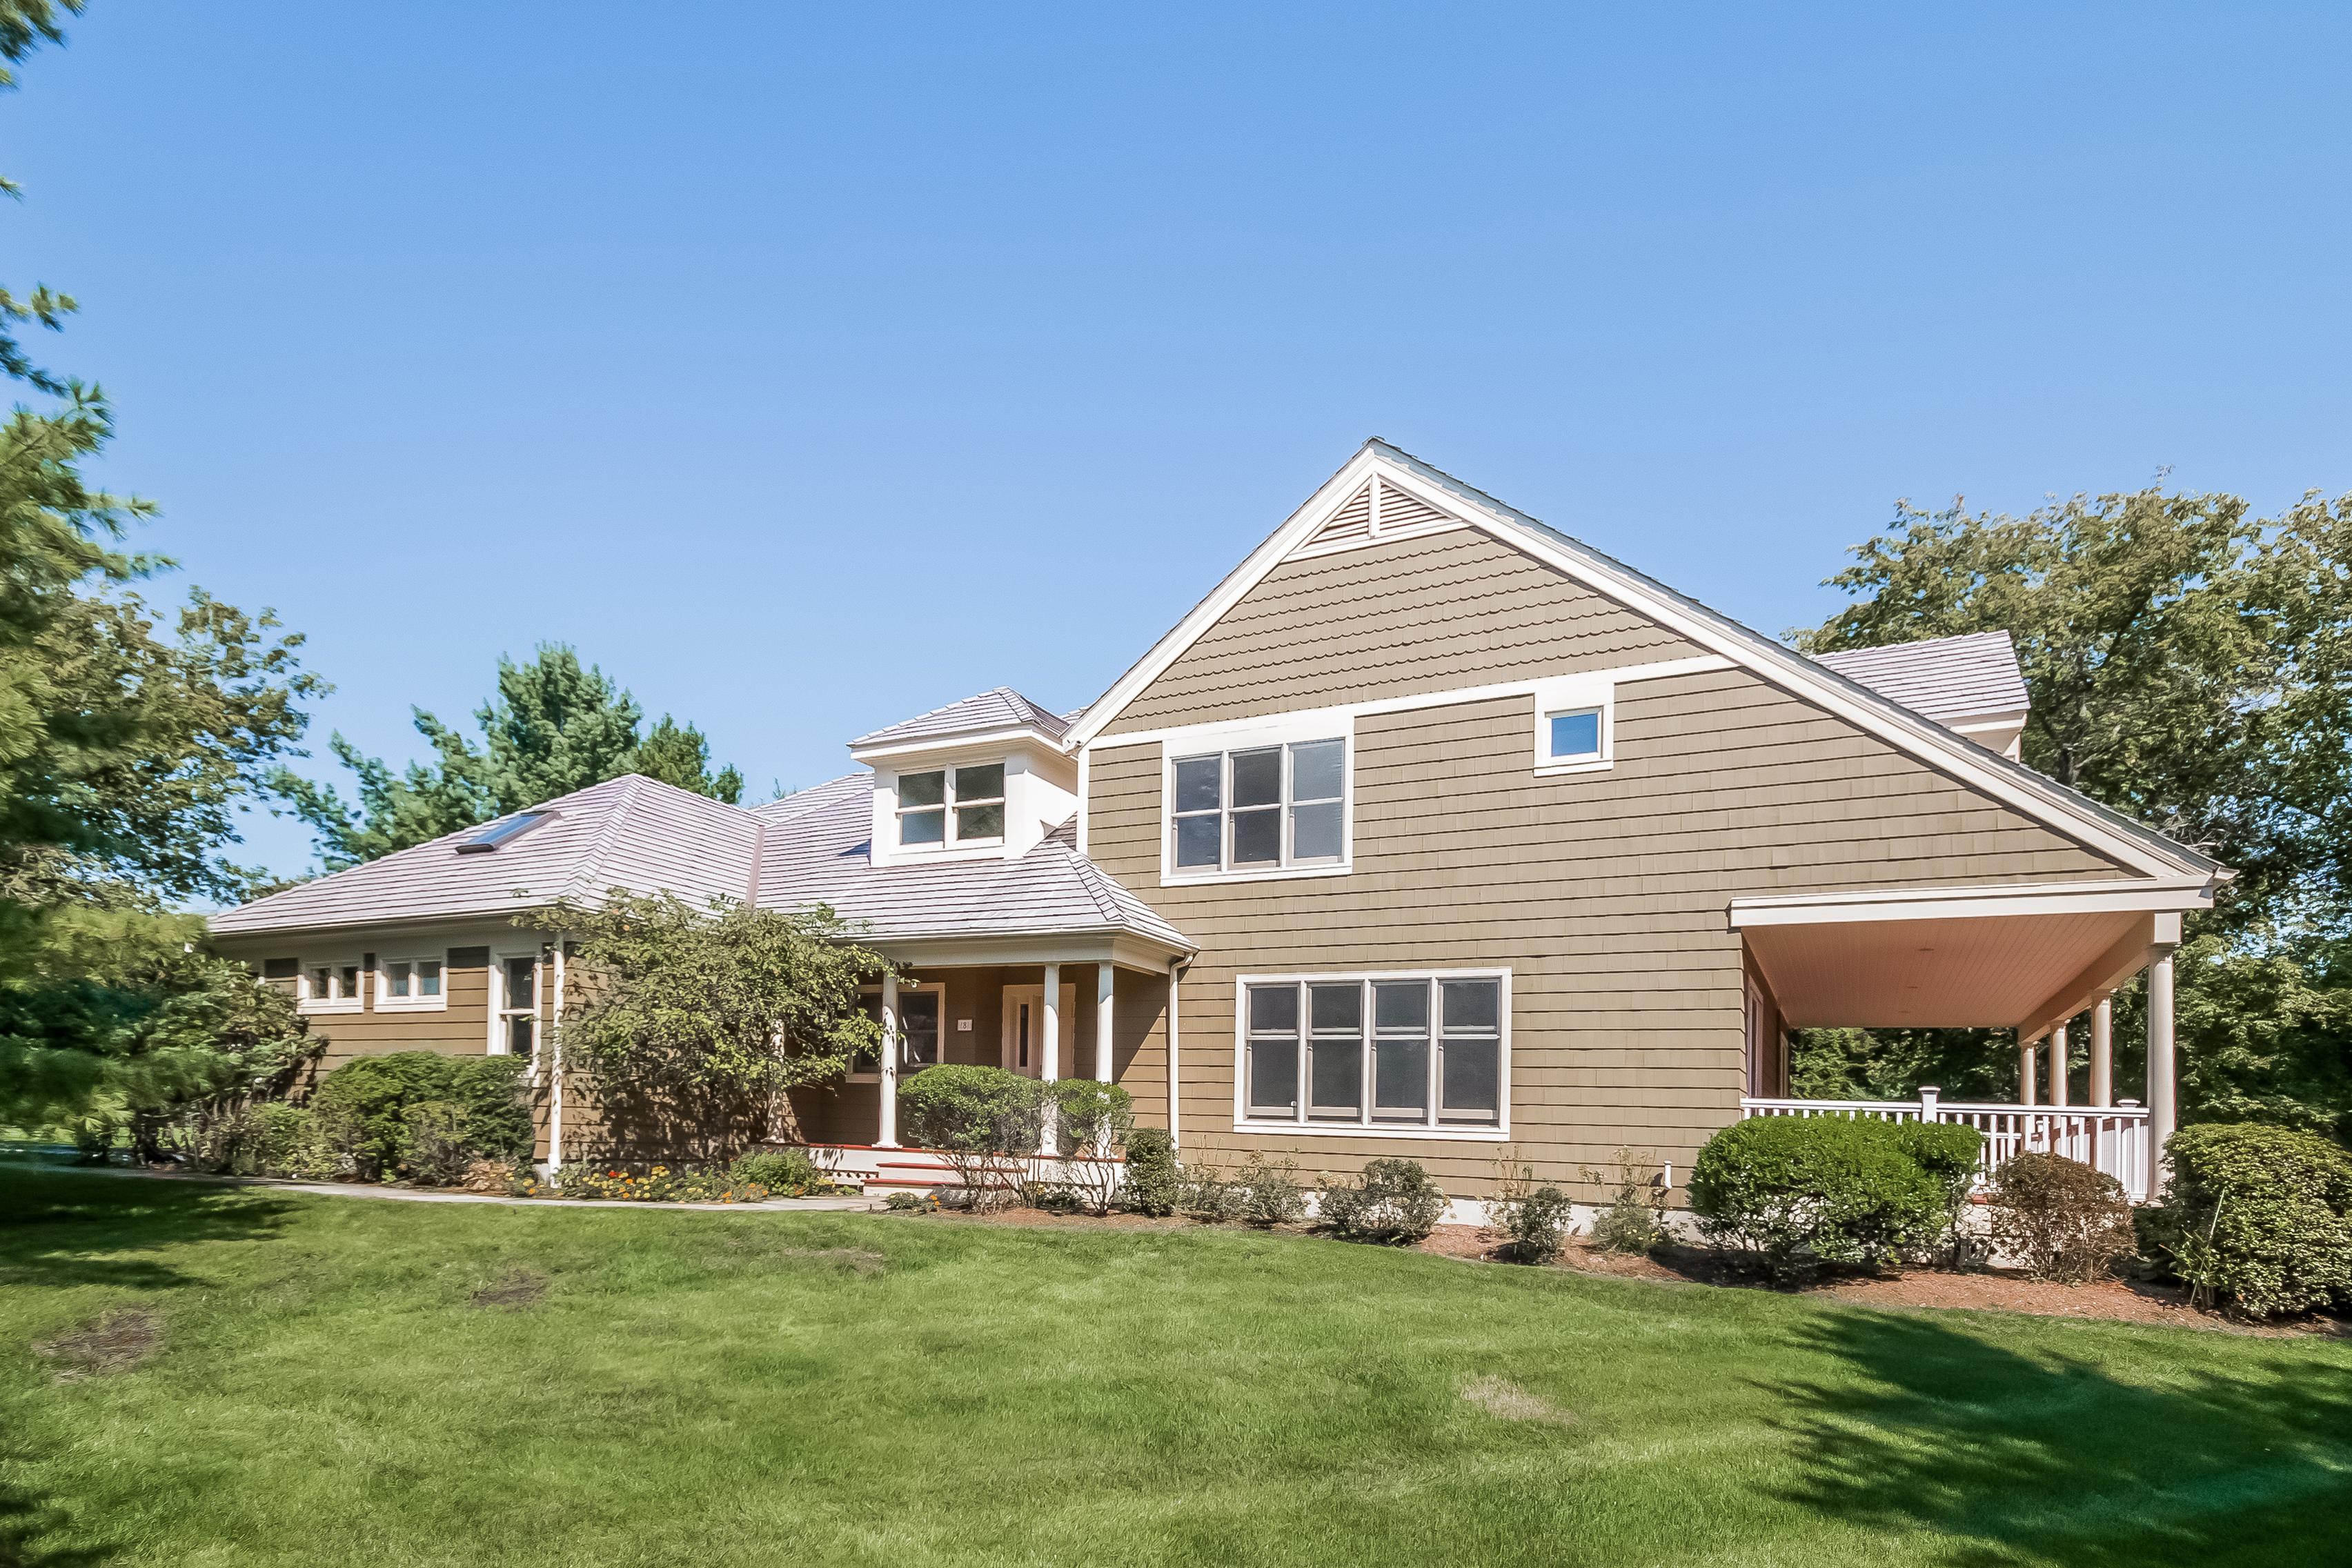 단독 가정 주택 용 매매 에 Greens Farms 8 Sherwood Farms Westport, 코네티컷 06880 미국